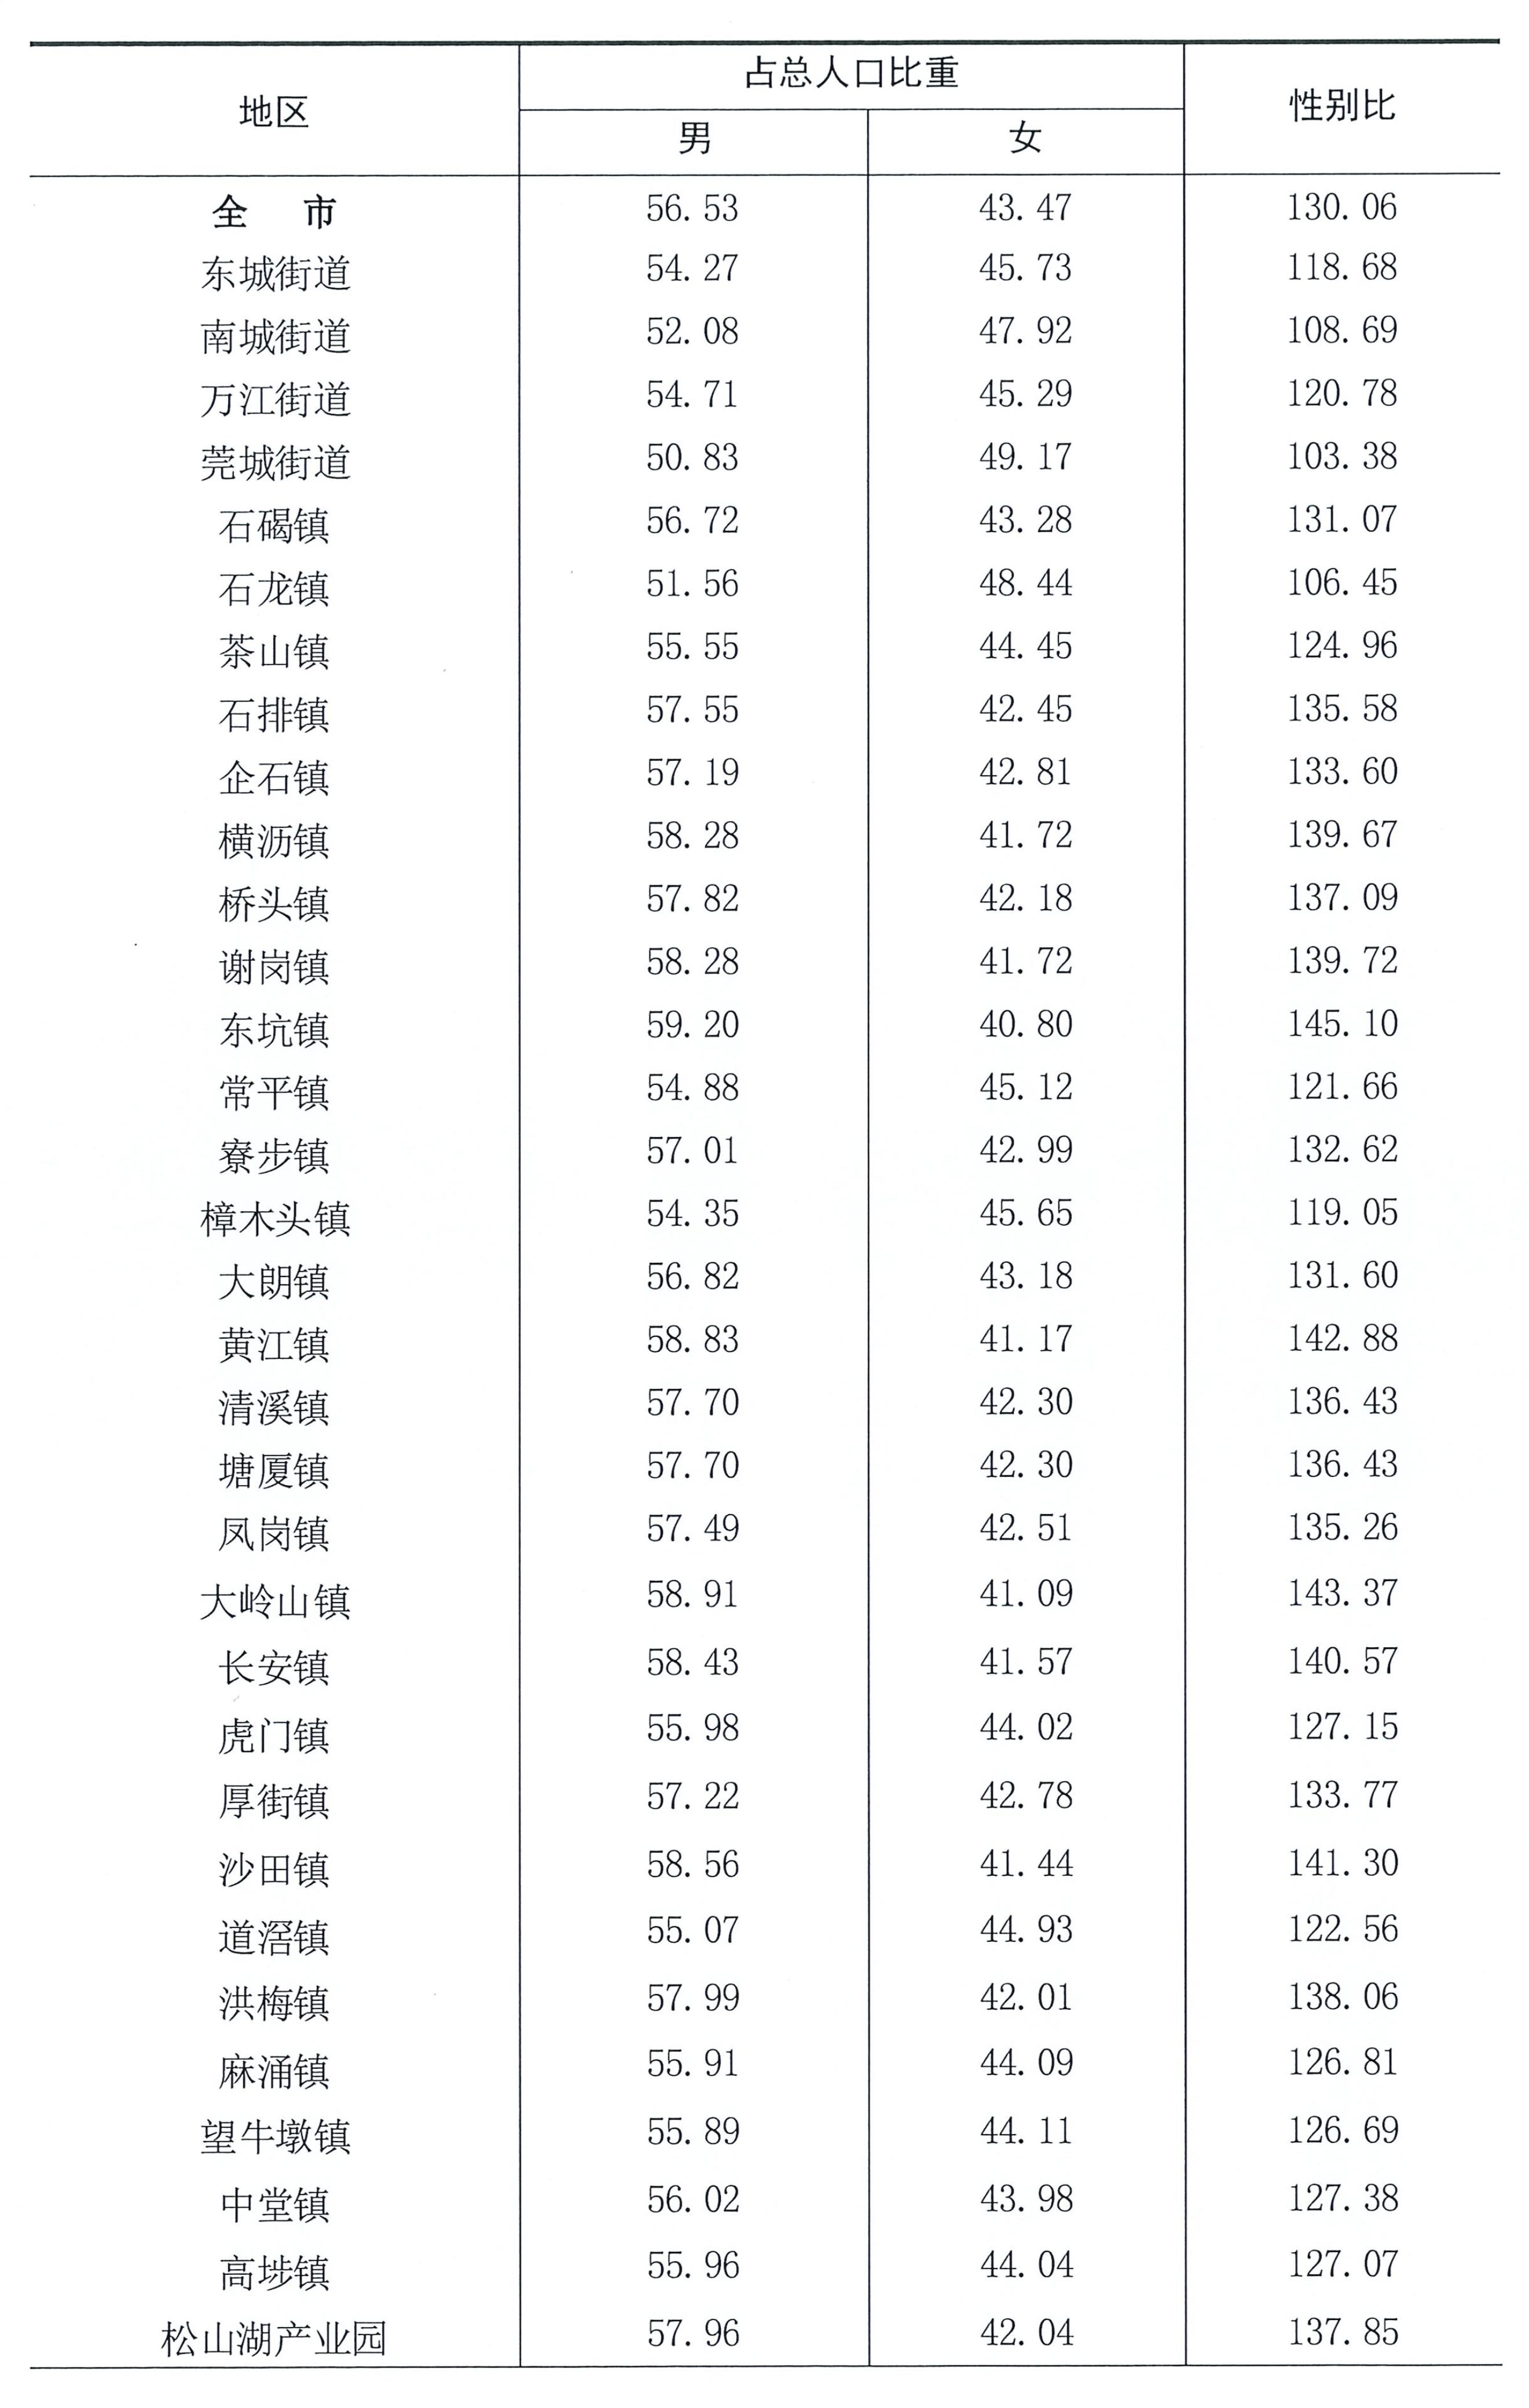 东莞长安镇有多少人口_持续优化!东莞长安这些路口有新变化